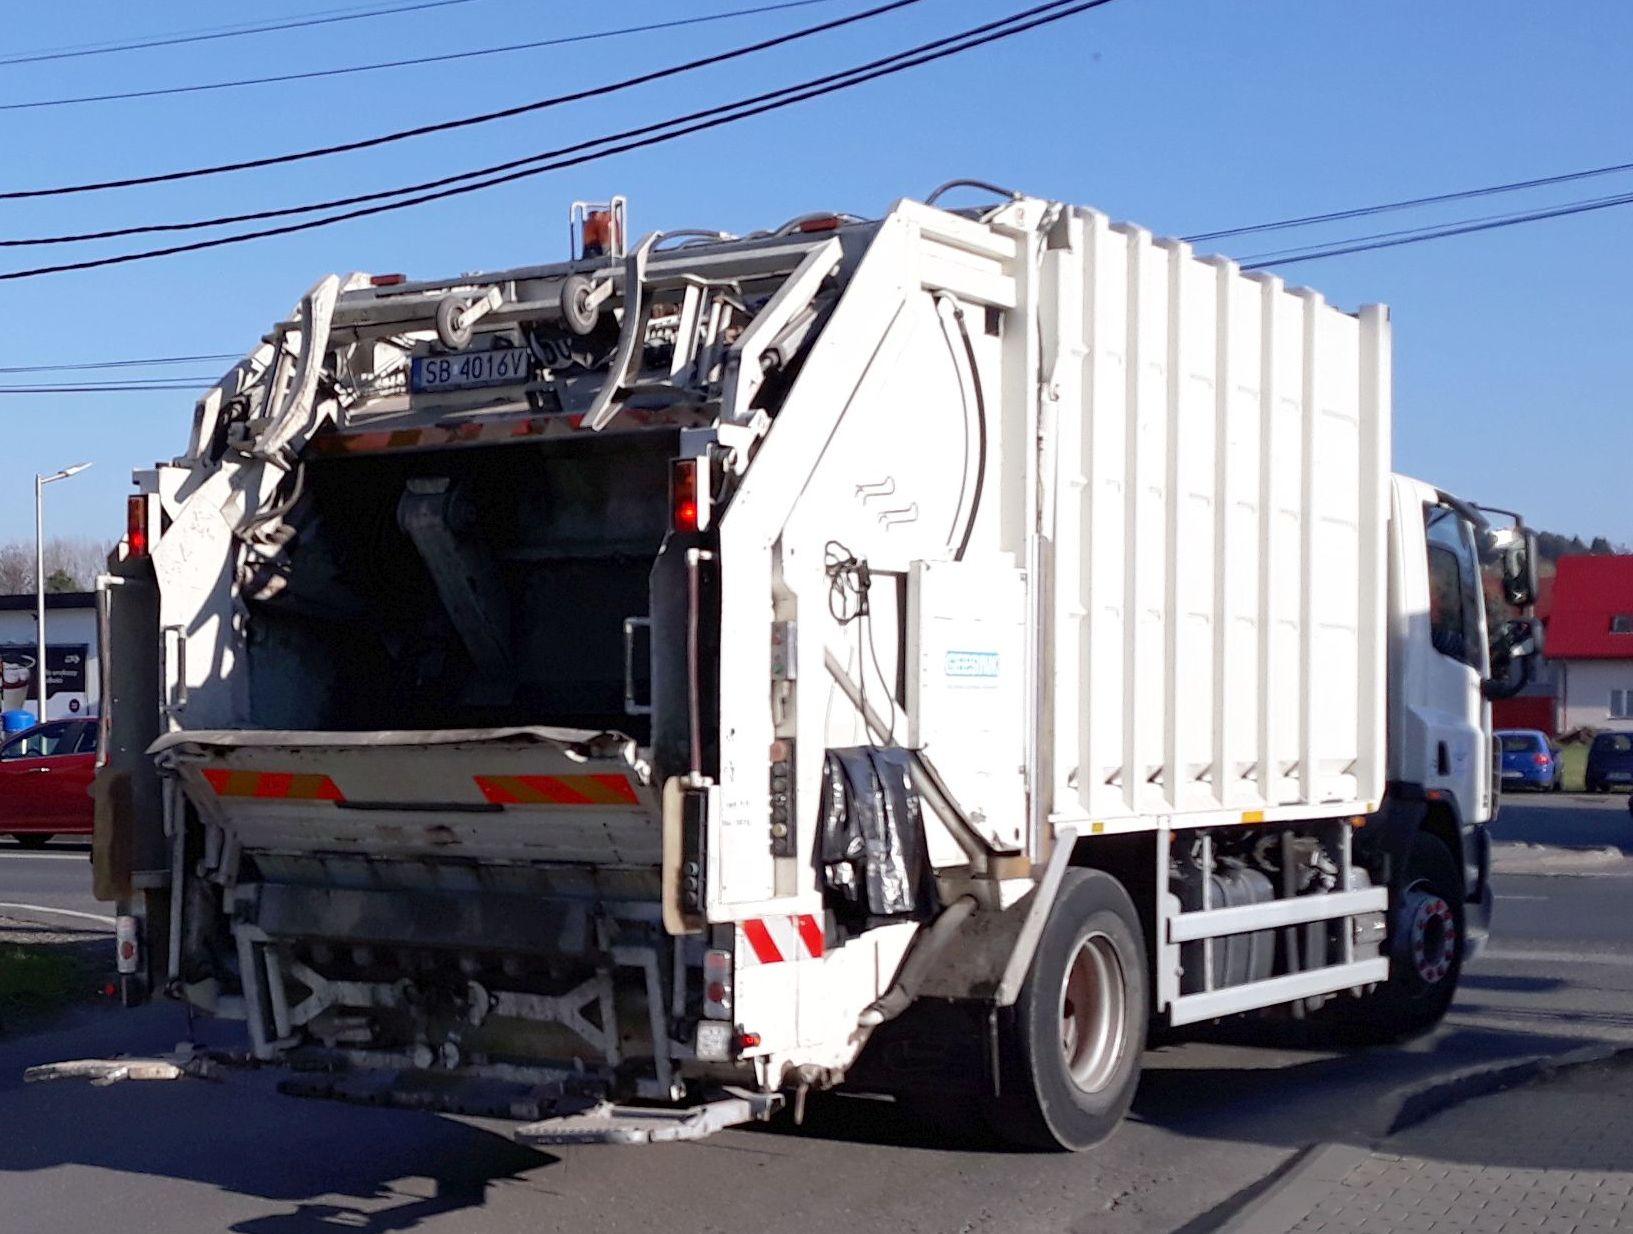 Po wyborach: pierwsza gmina podwyższa opłaty za wywóz śmieci